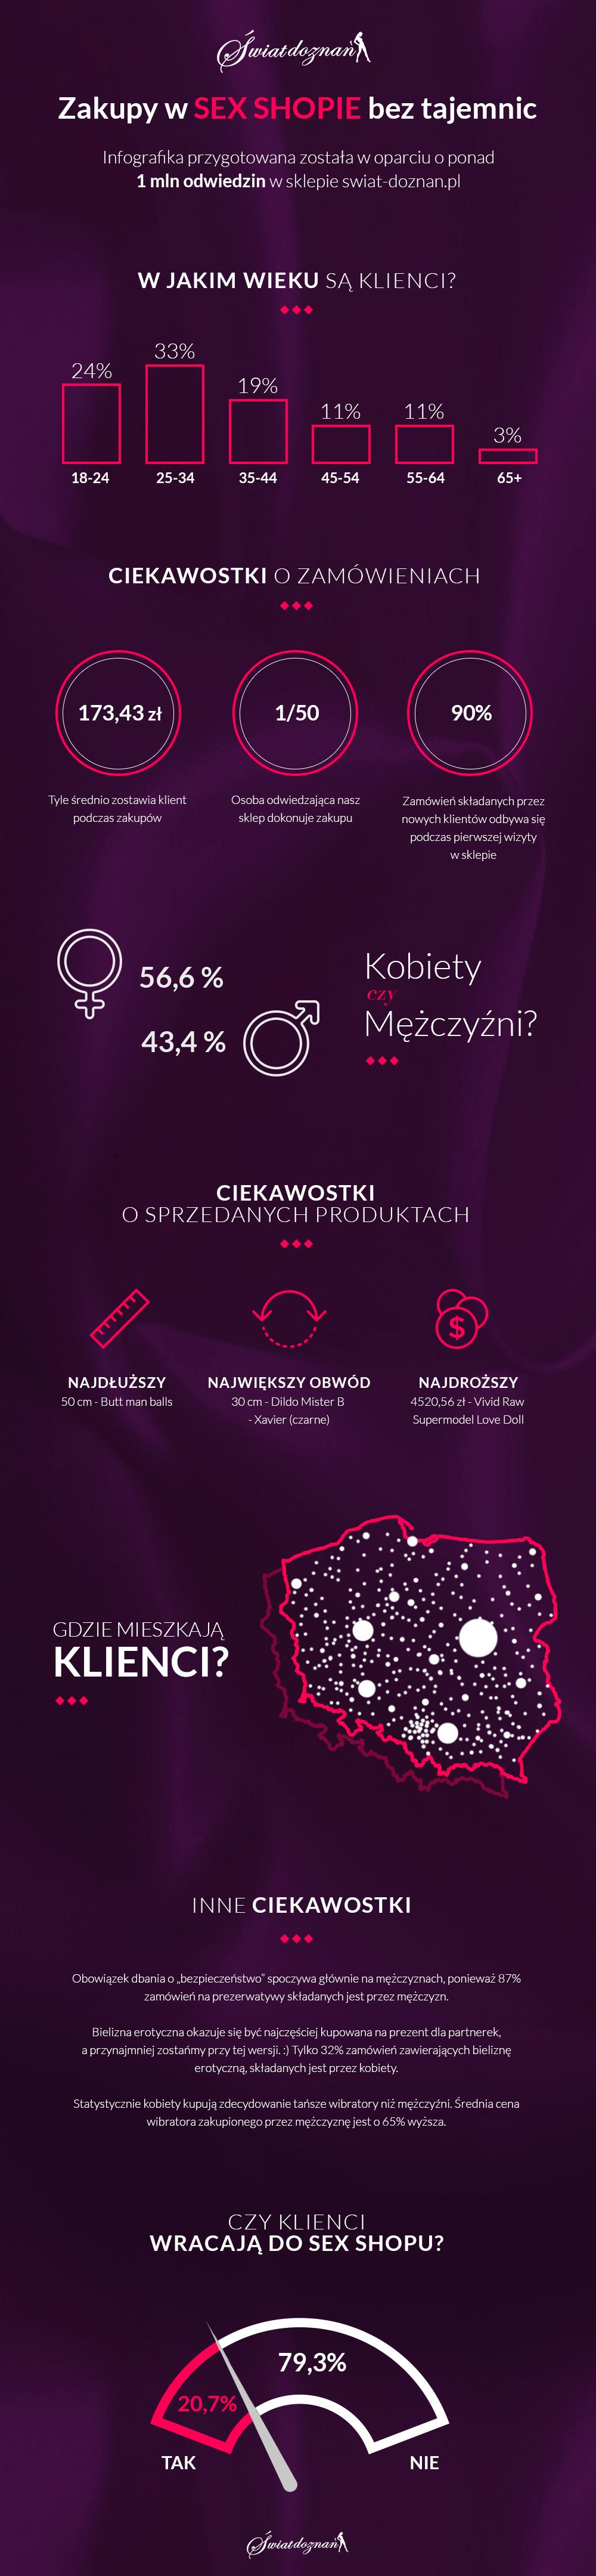 swiat_doznan_infografika2